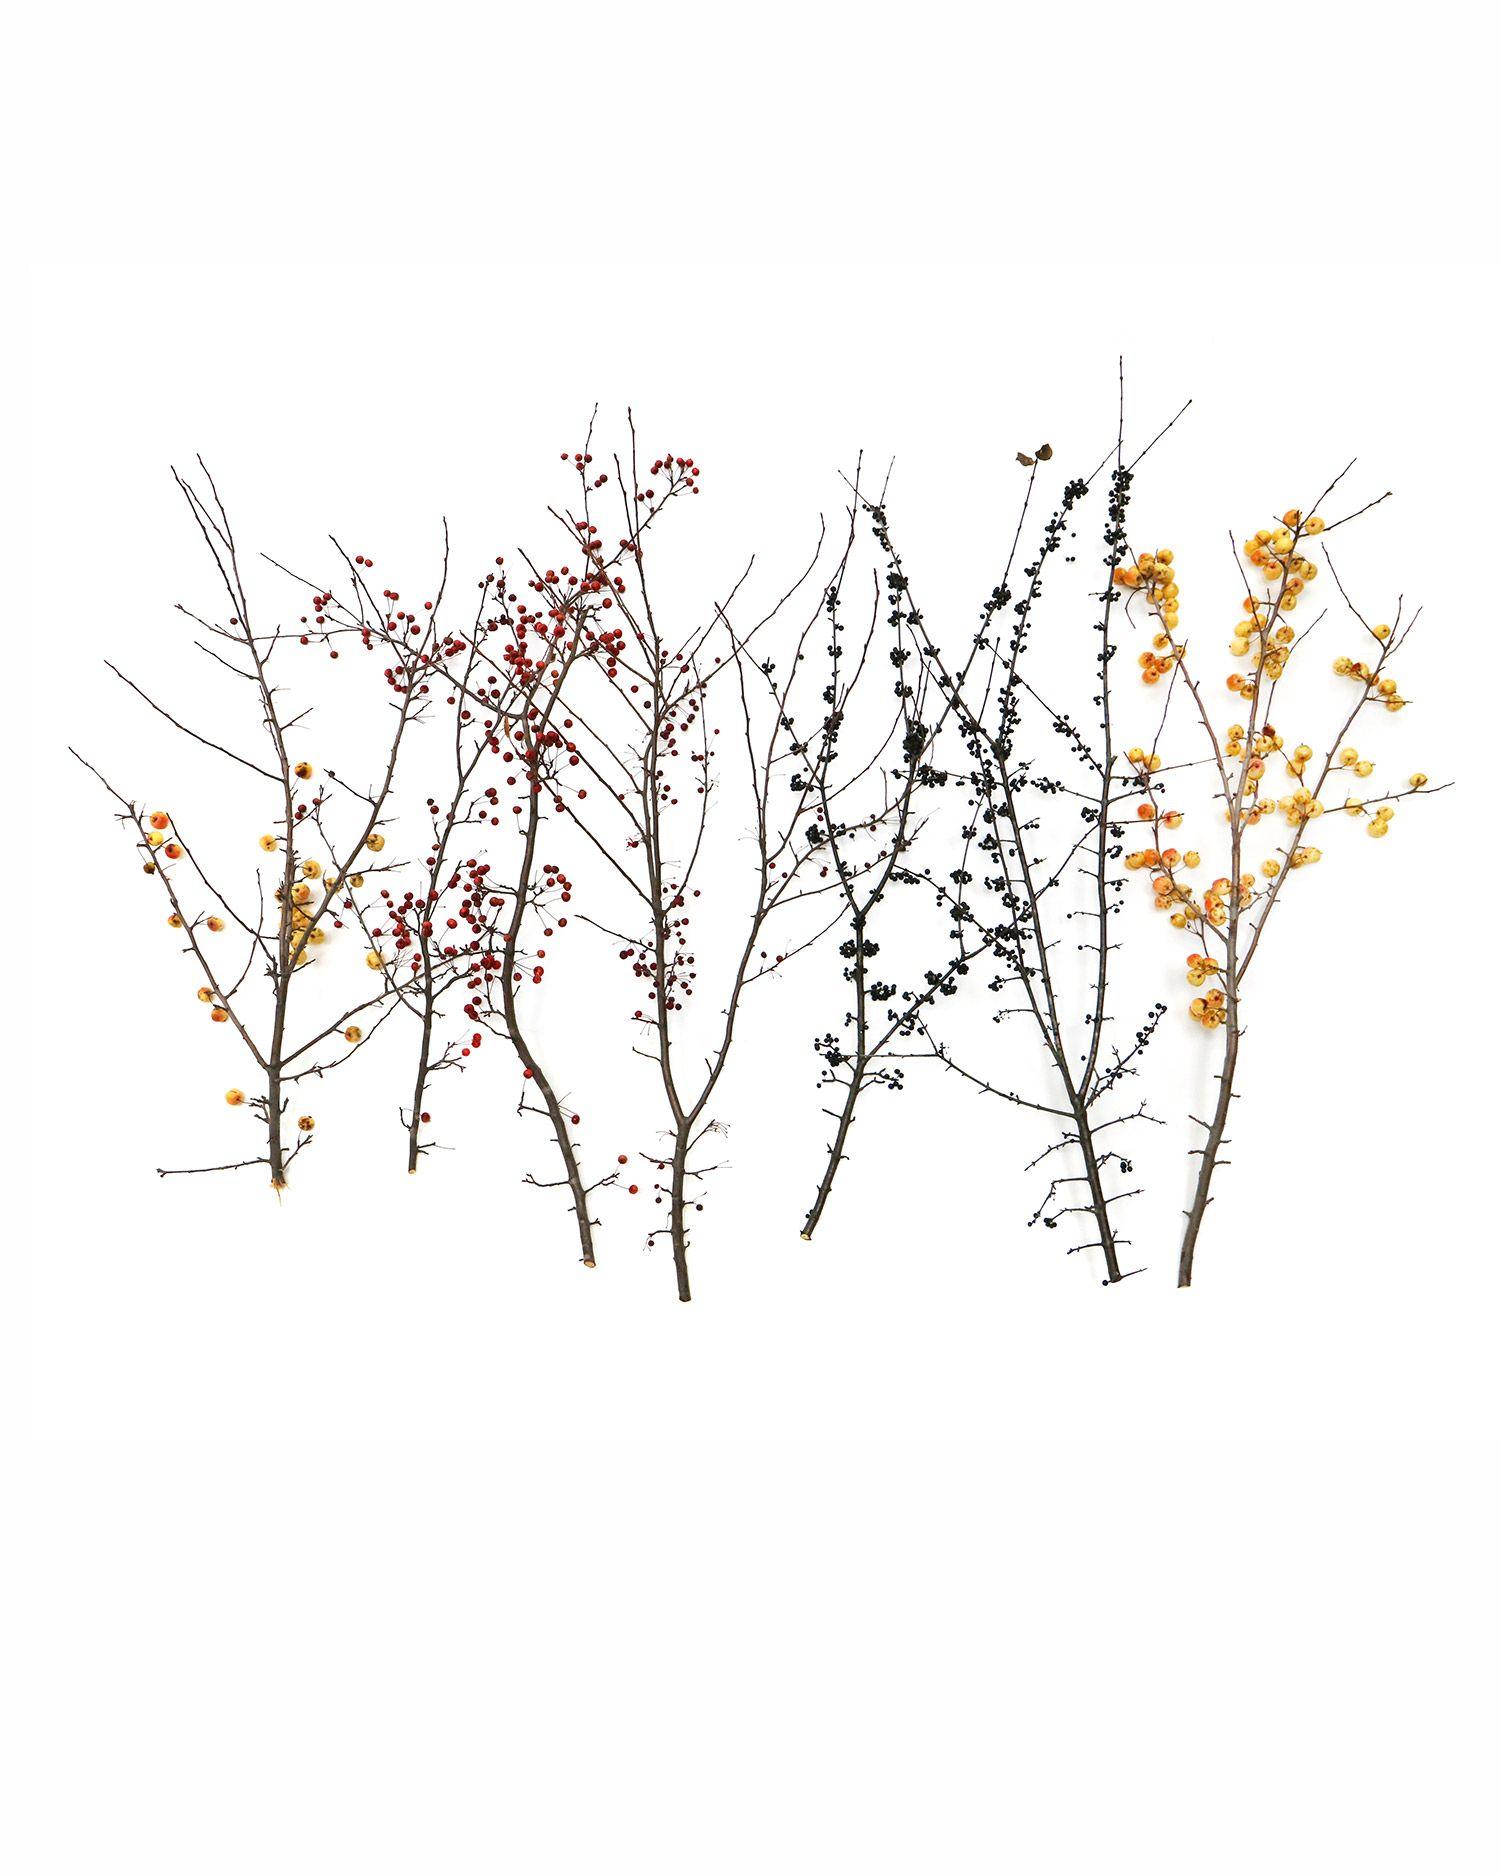 fall fruits (mary jo hoffman)